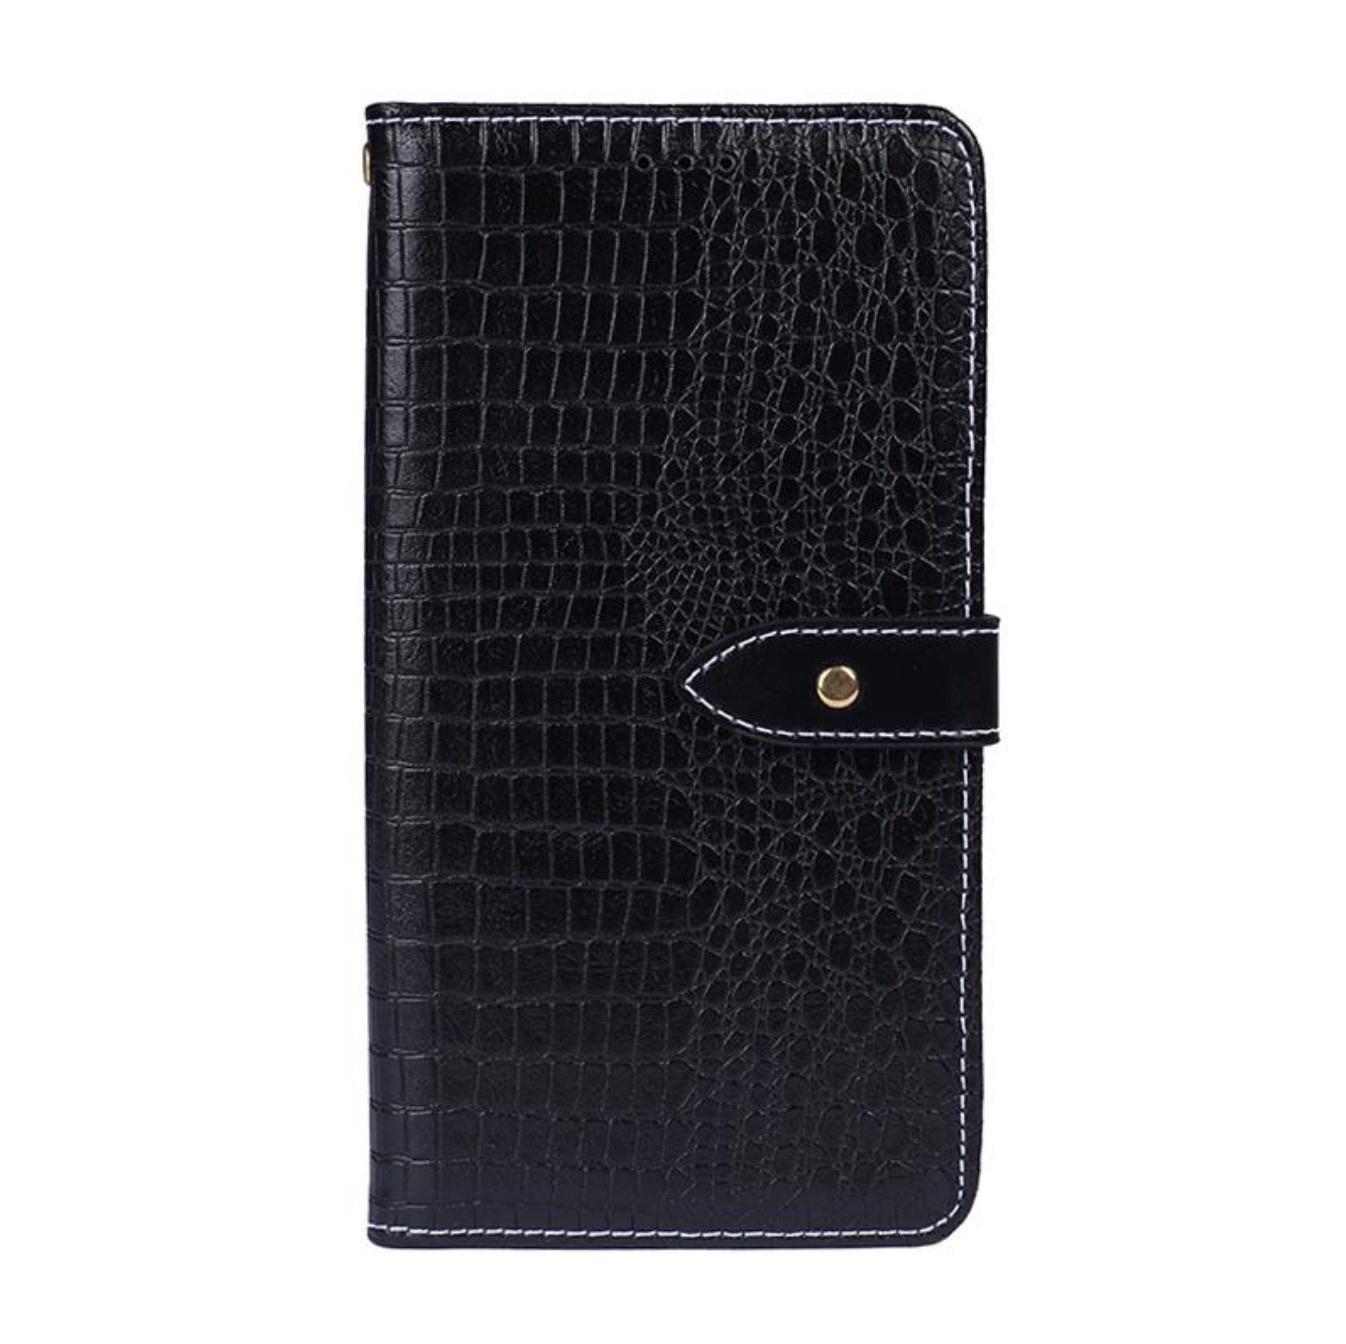 Чехол-книжка MyPads для Huawei Honor 10i /i Enjoy 9S / P Smart Plus 2019  с фактурной прошивкой рельефа кожи крокодила с застежкой и визитницей черный